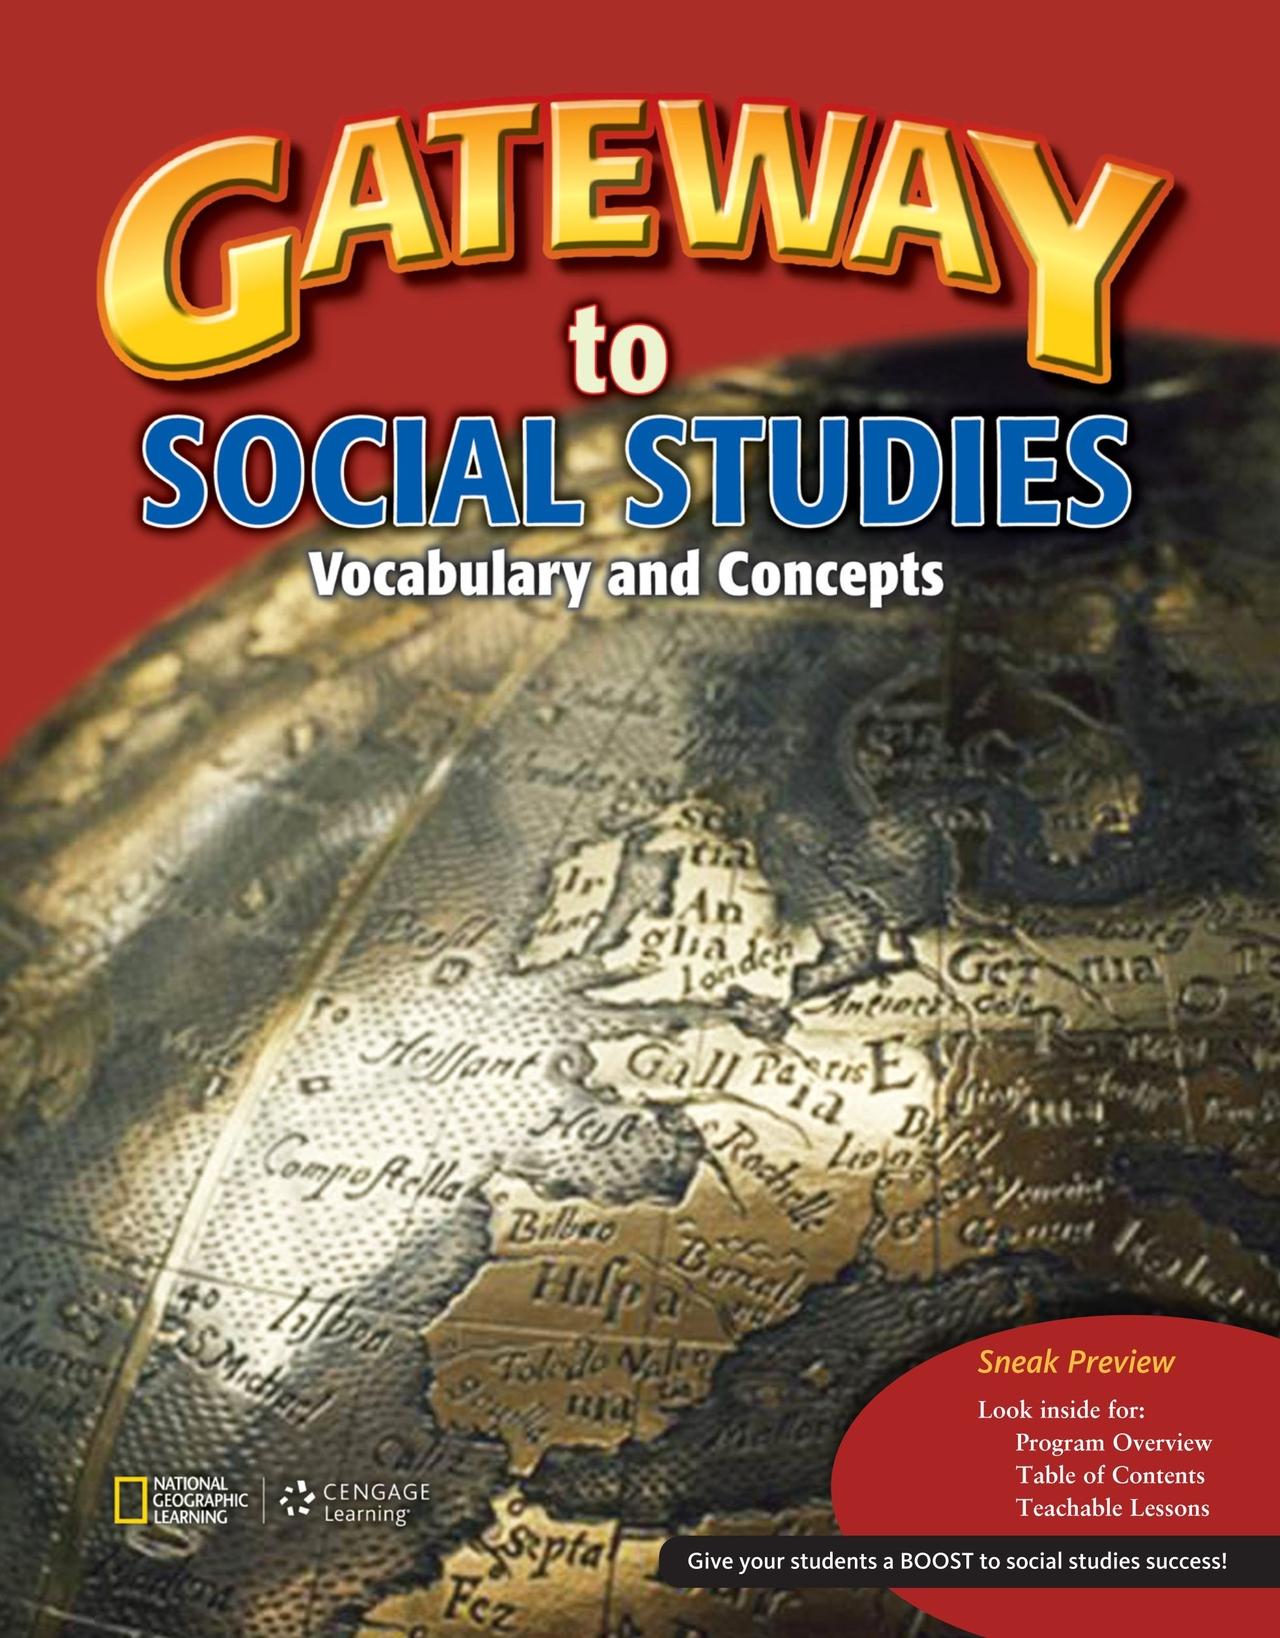 Gateway To Social Studies Buku National Geographic